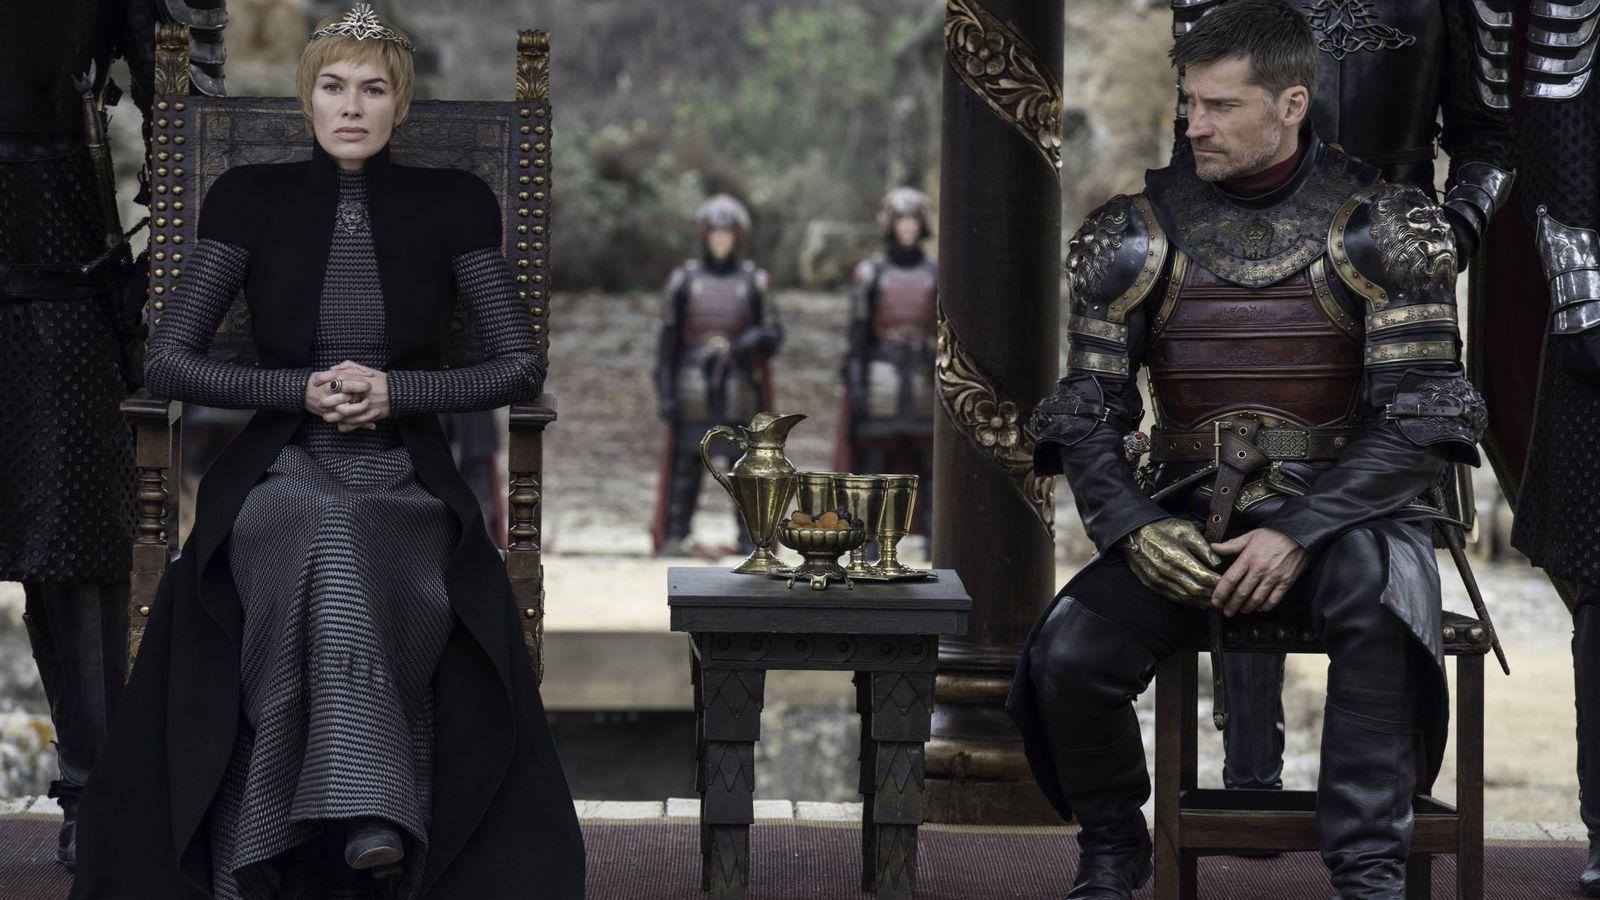 La deuda a pagar de los Lannister en Juego de Tronos: ¿el ...